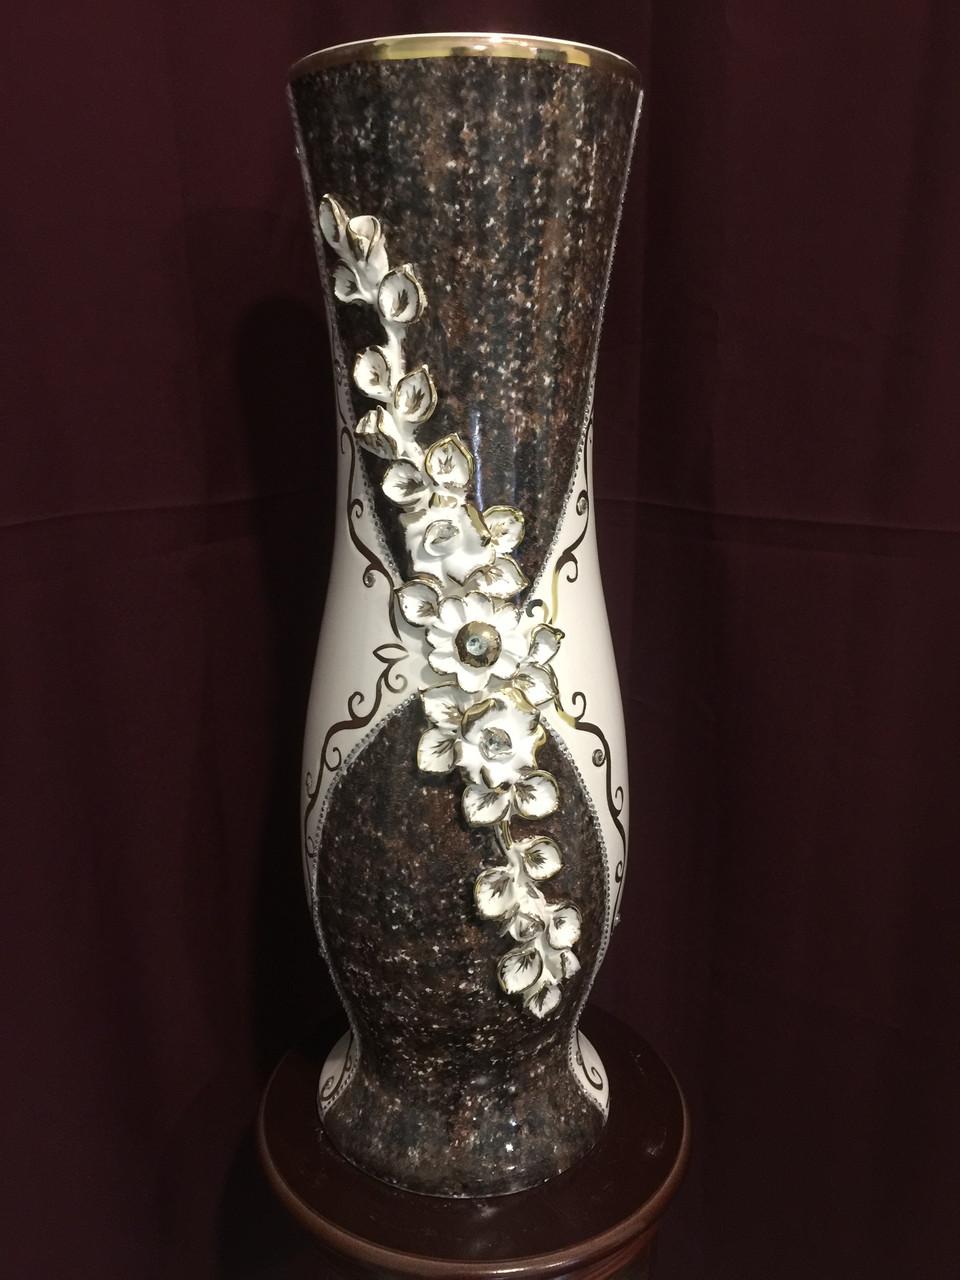 Ваза напольная керамическая для цветов и цветочных композиций мрамор коричневый